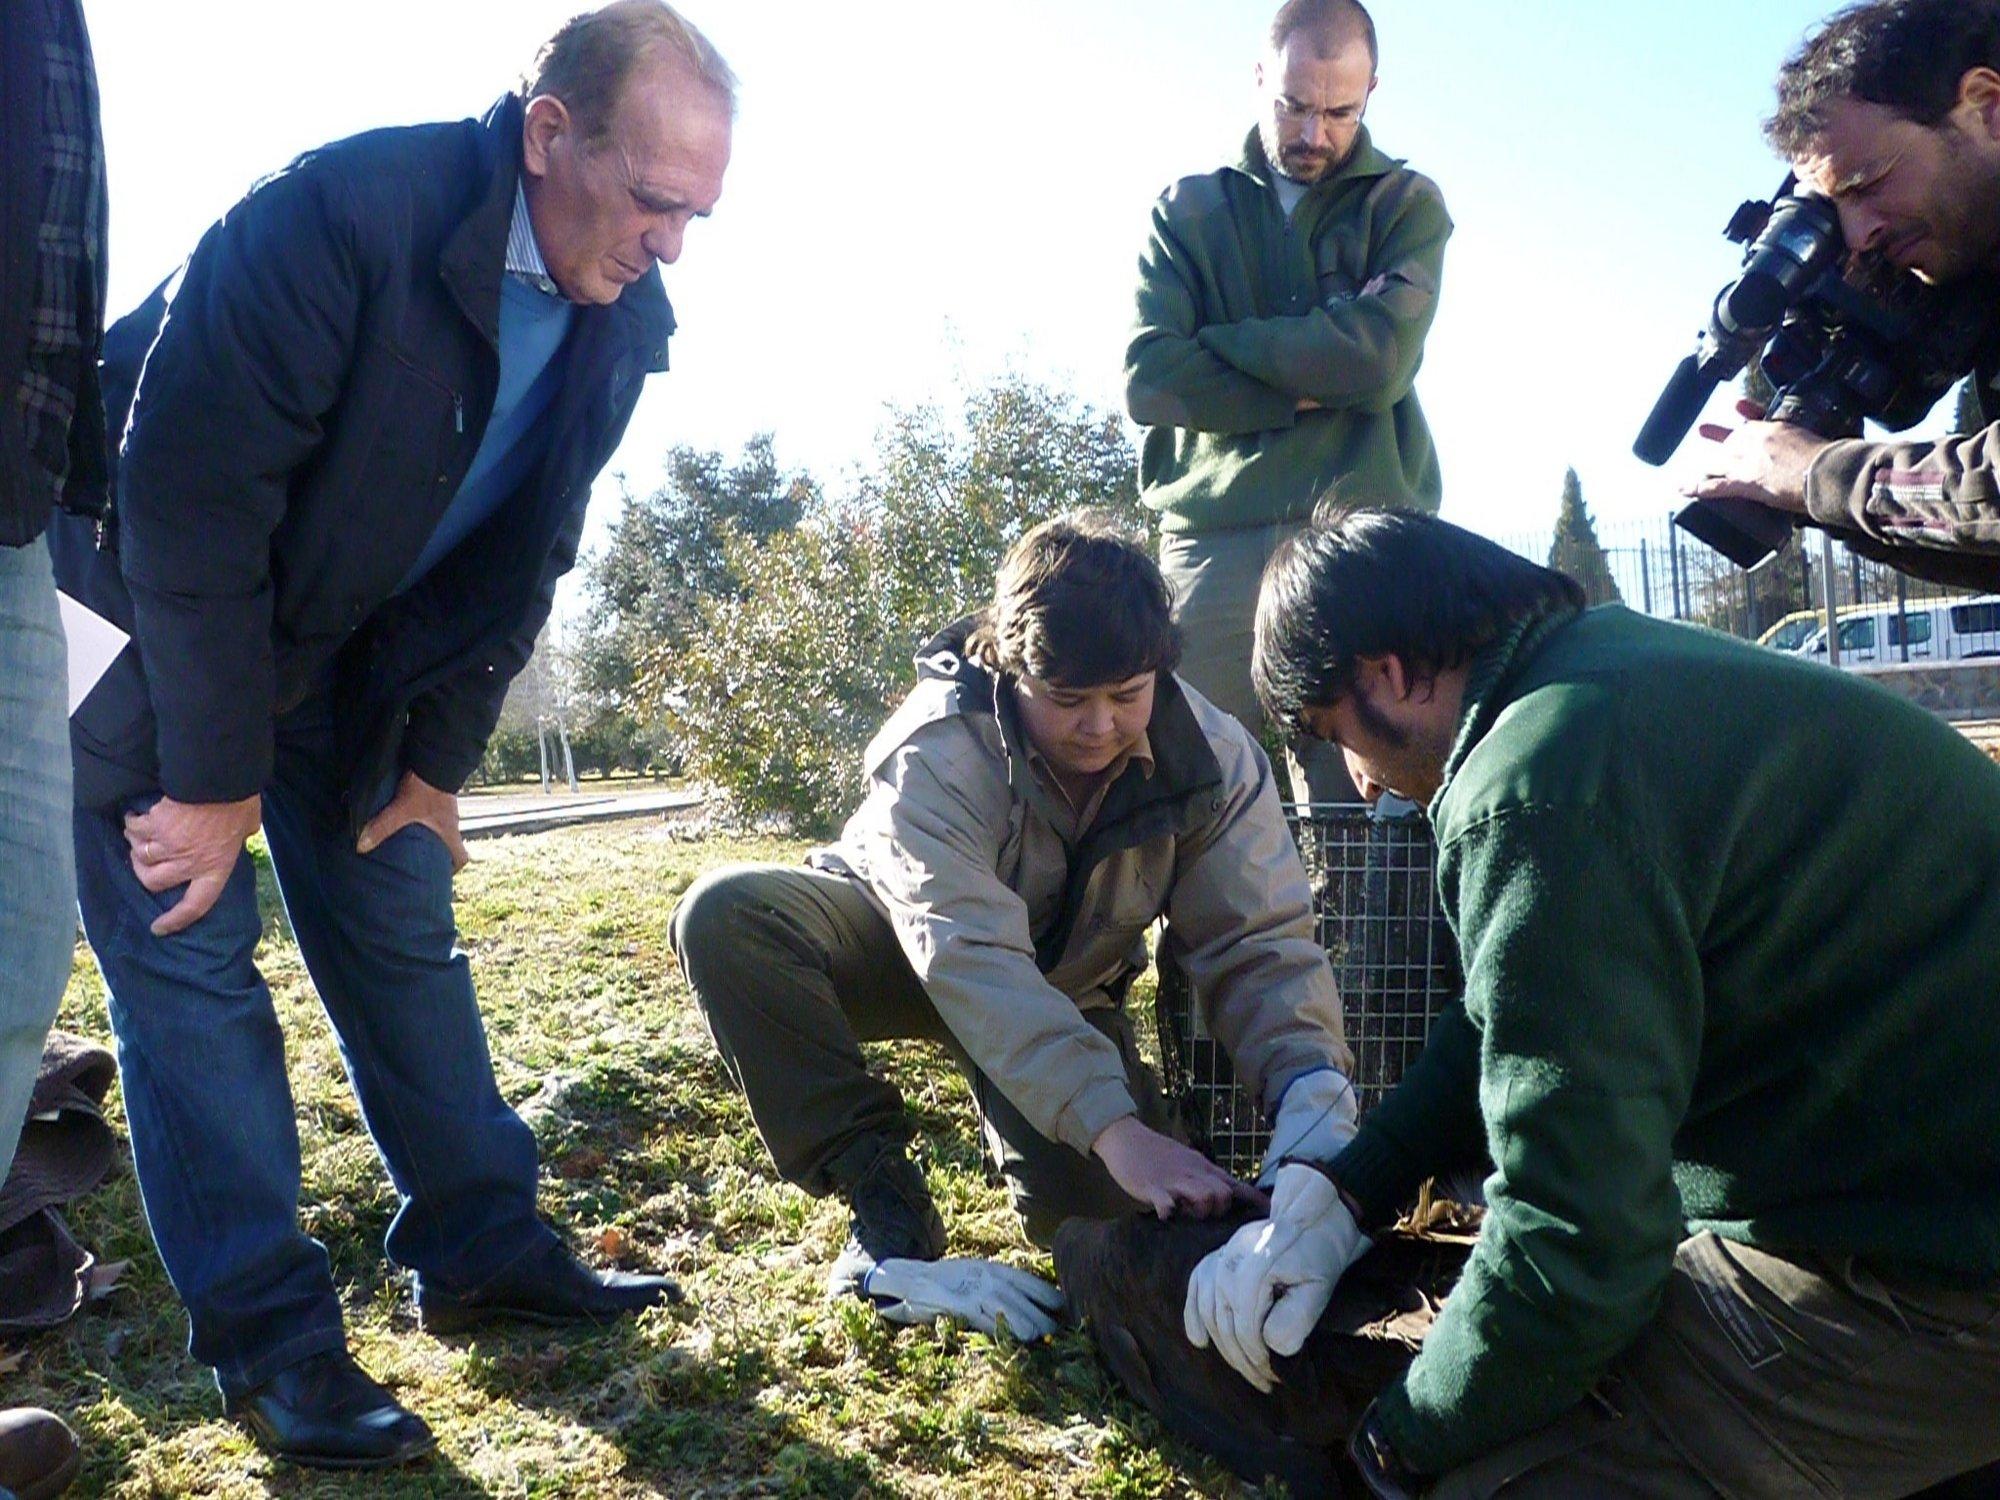 La Junta de Andalucía libera un ejemplar de buitre negro atendido en el Centro de Recuperación de Especies de Jaén